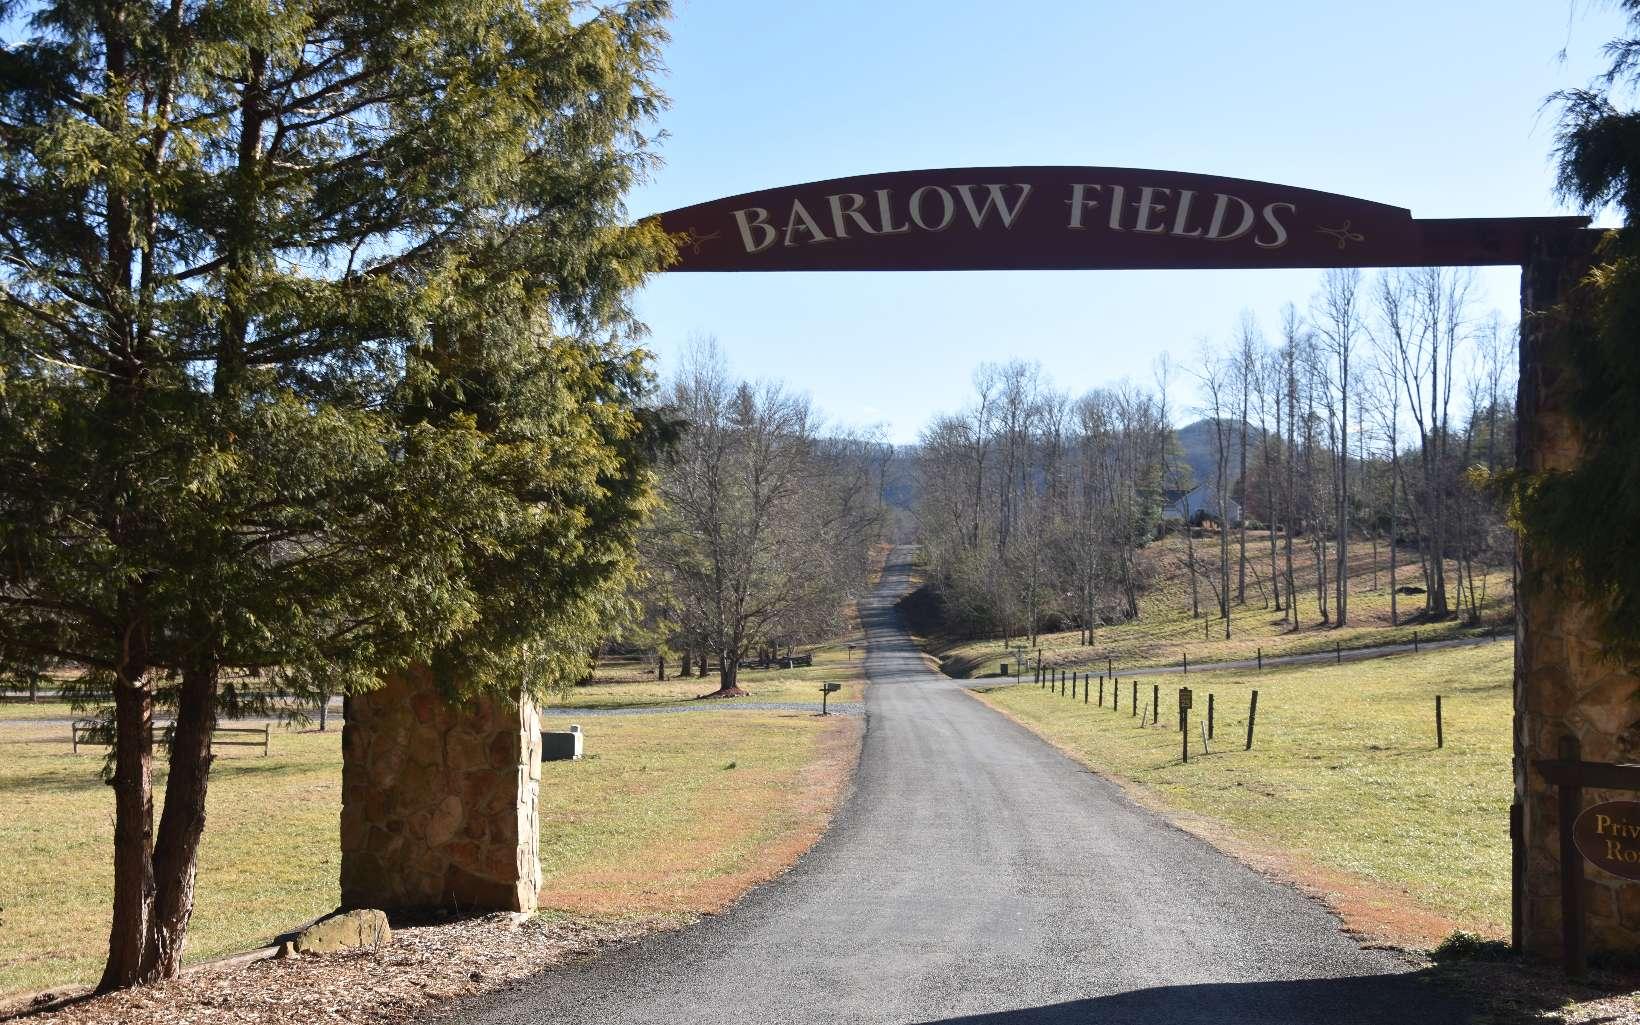 BARLOW FIELDS DRIVE